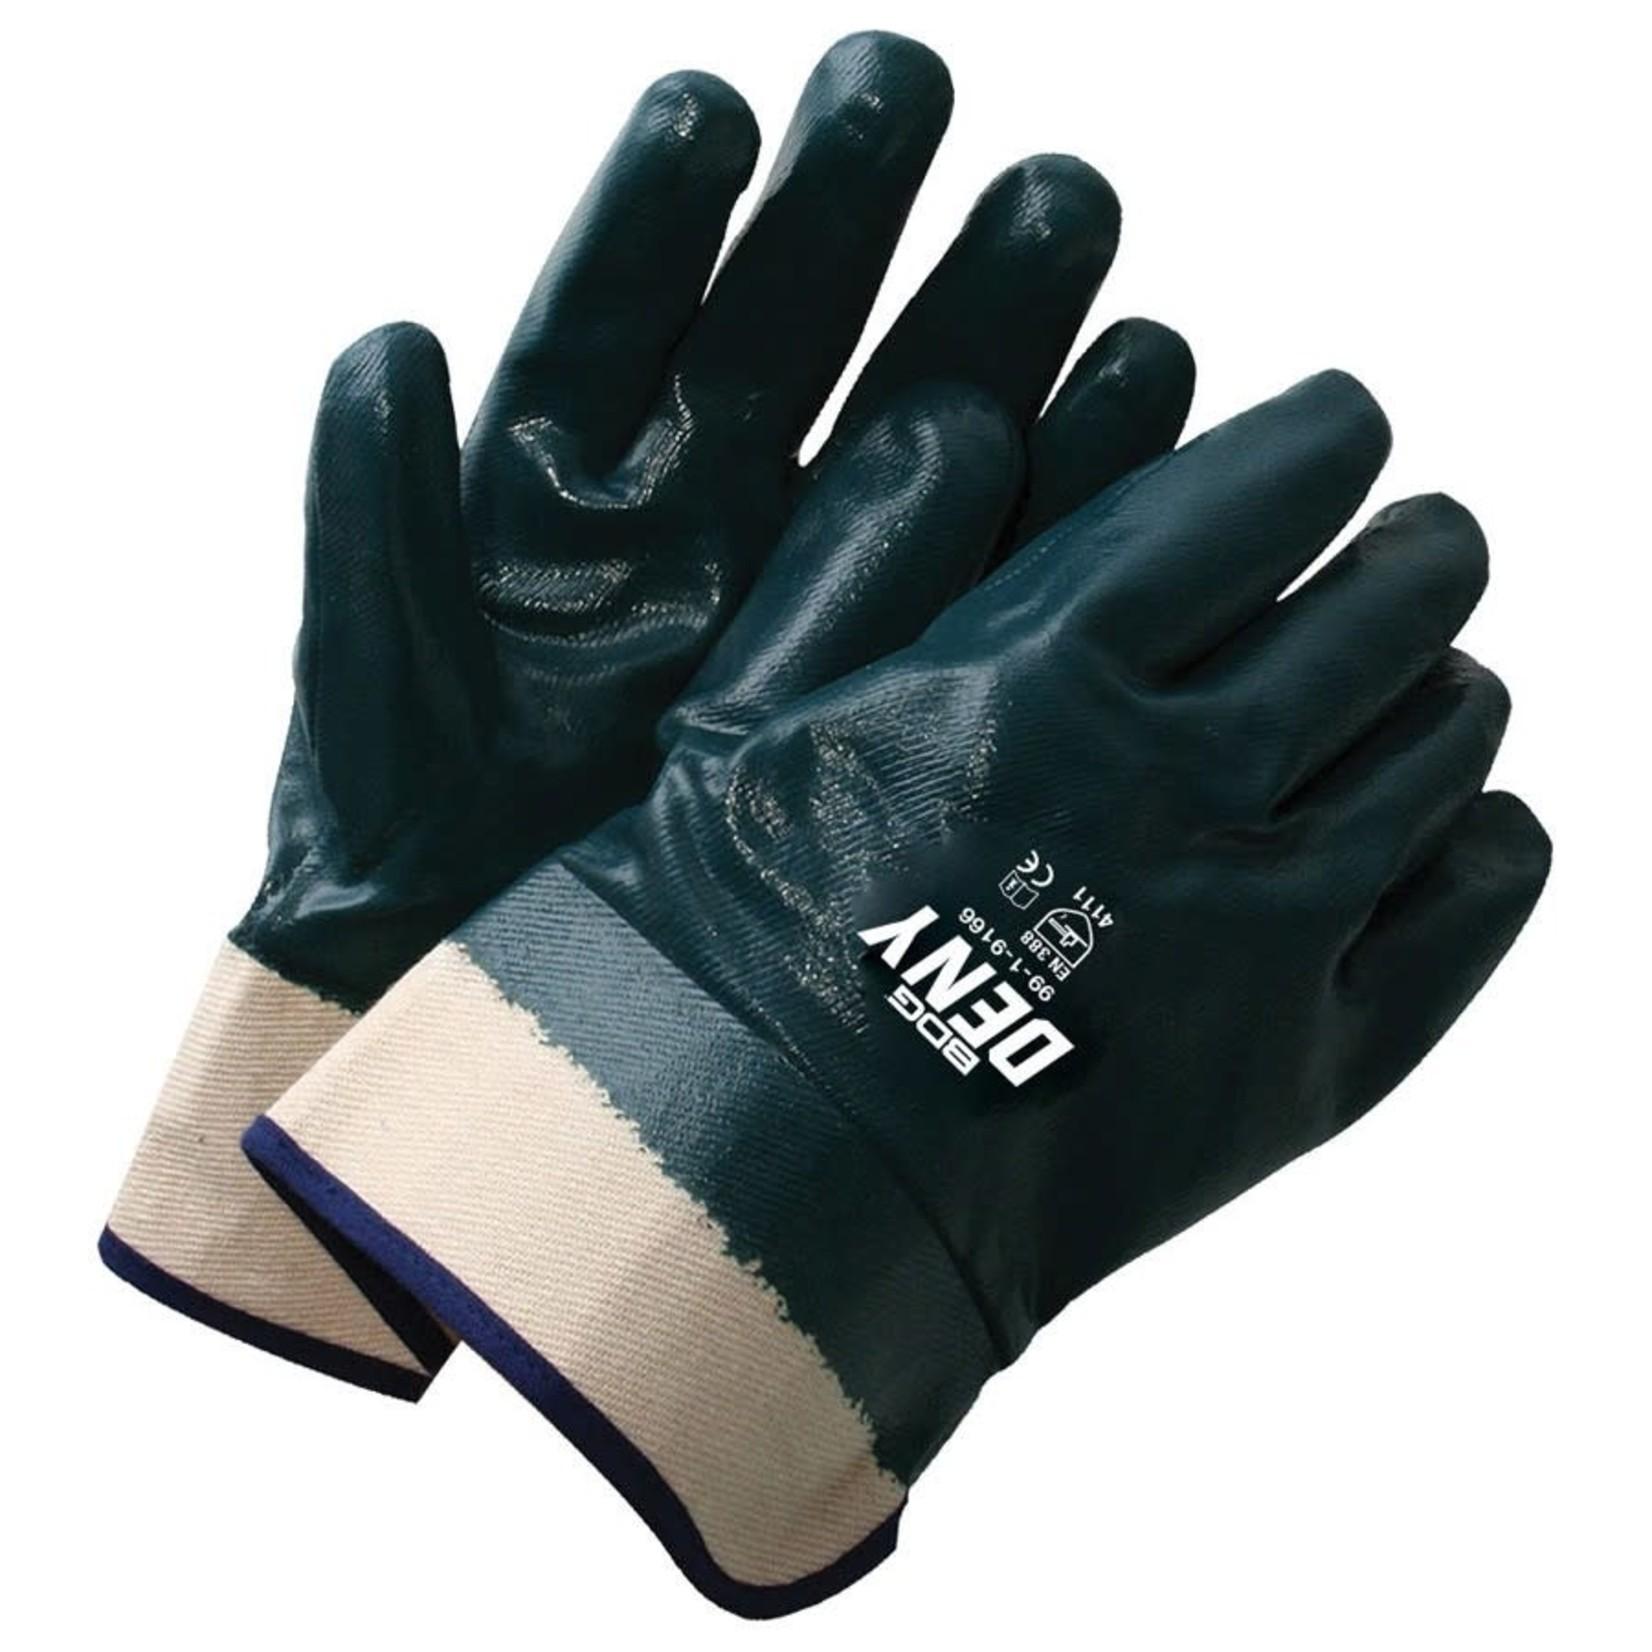 Bob dale gloves BDG Deny Nitrile Coated Safety Glove